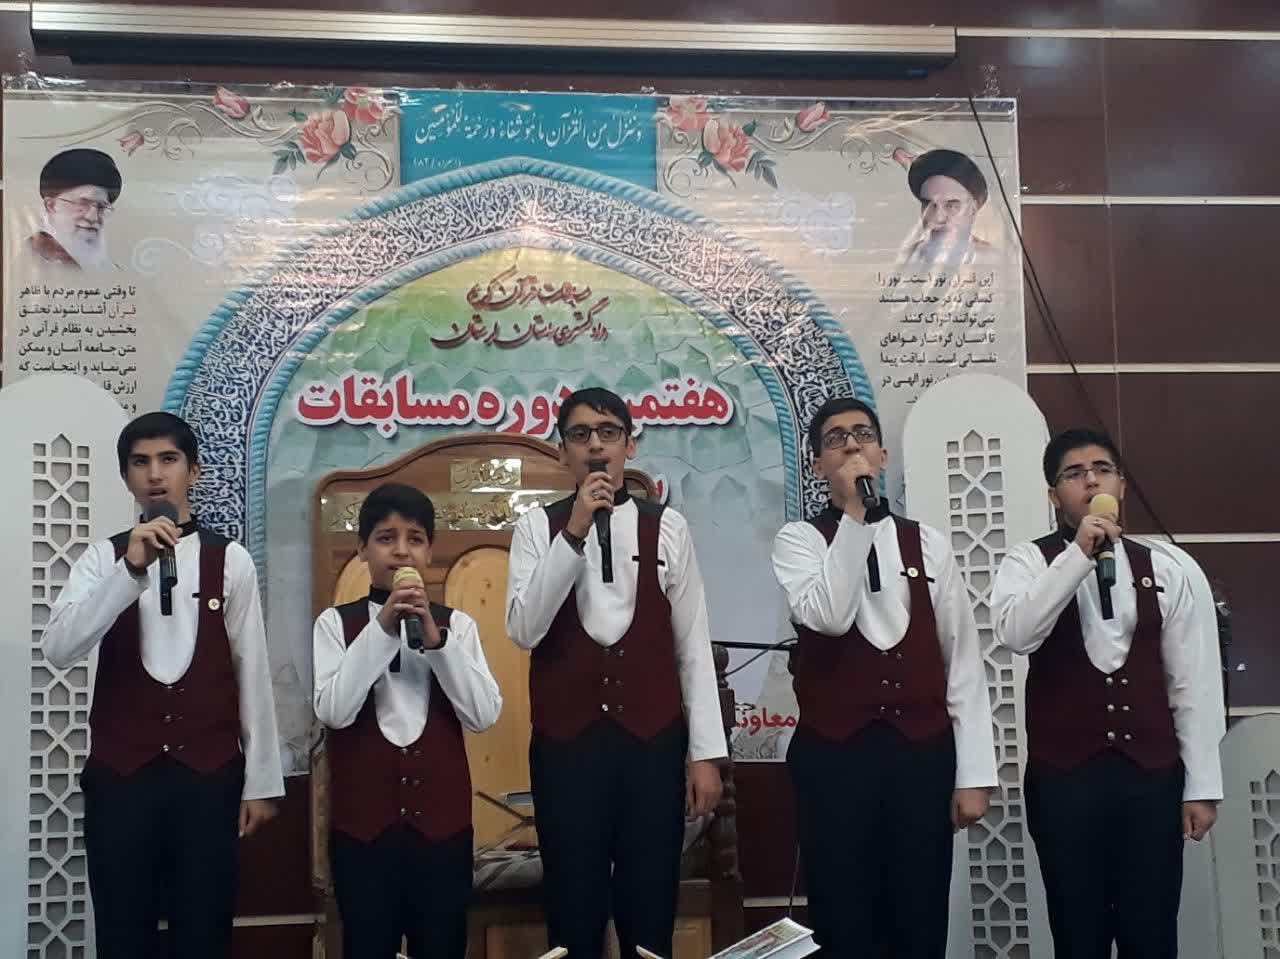 برگزاری مرحله استانی مسابقات قرآن قوه قضائیه در لرستان